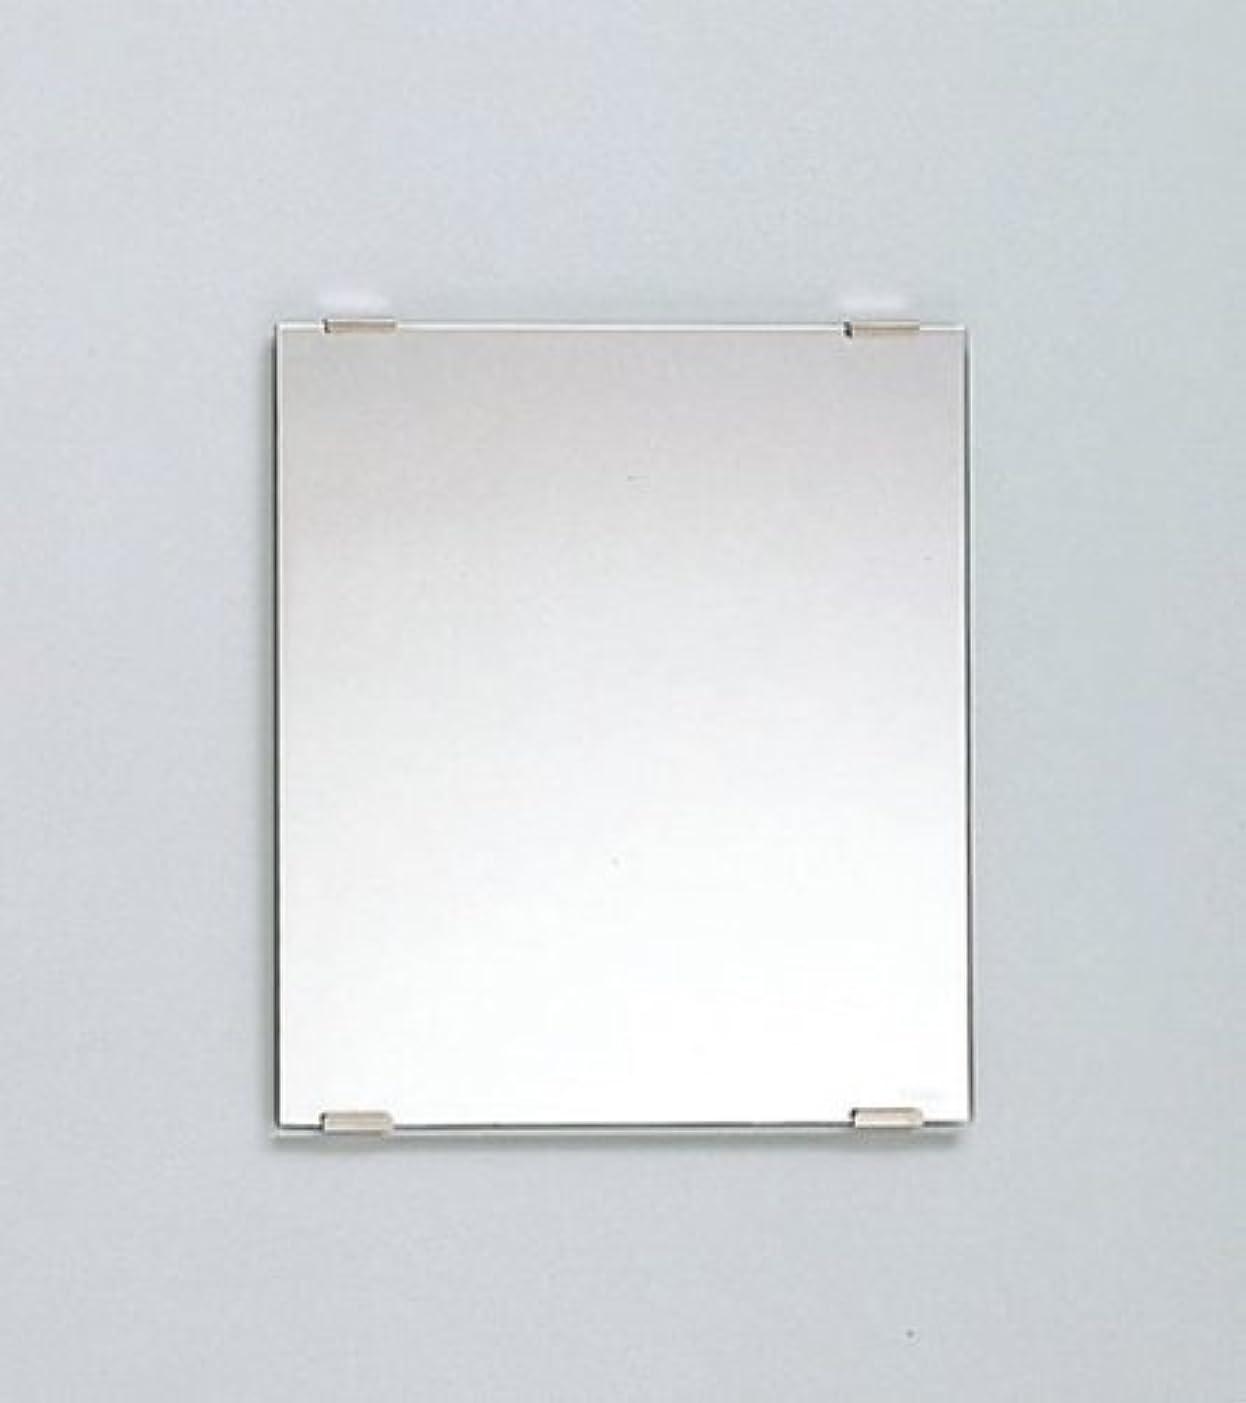 著者トラップ大混乱TOTO 化粧鏡 YM3045F 耐食鏡 角型 300×450(mm)